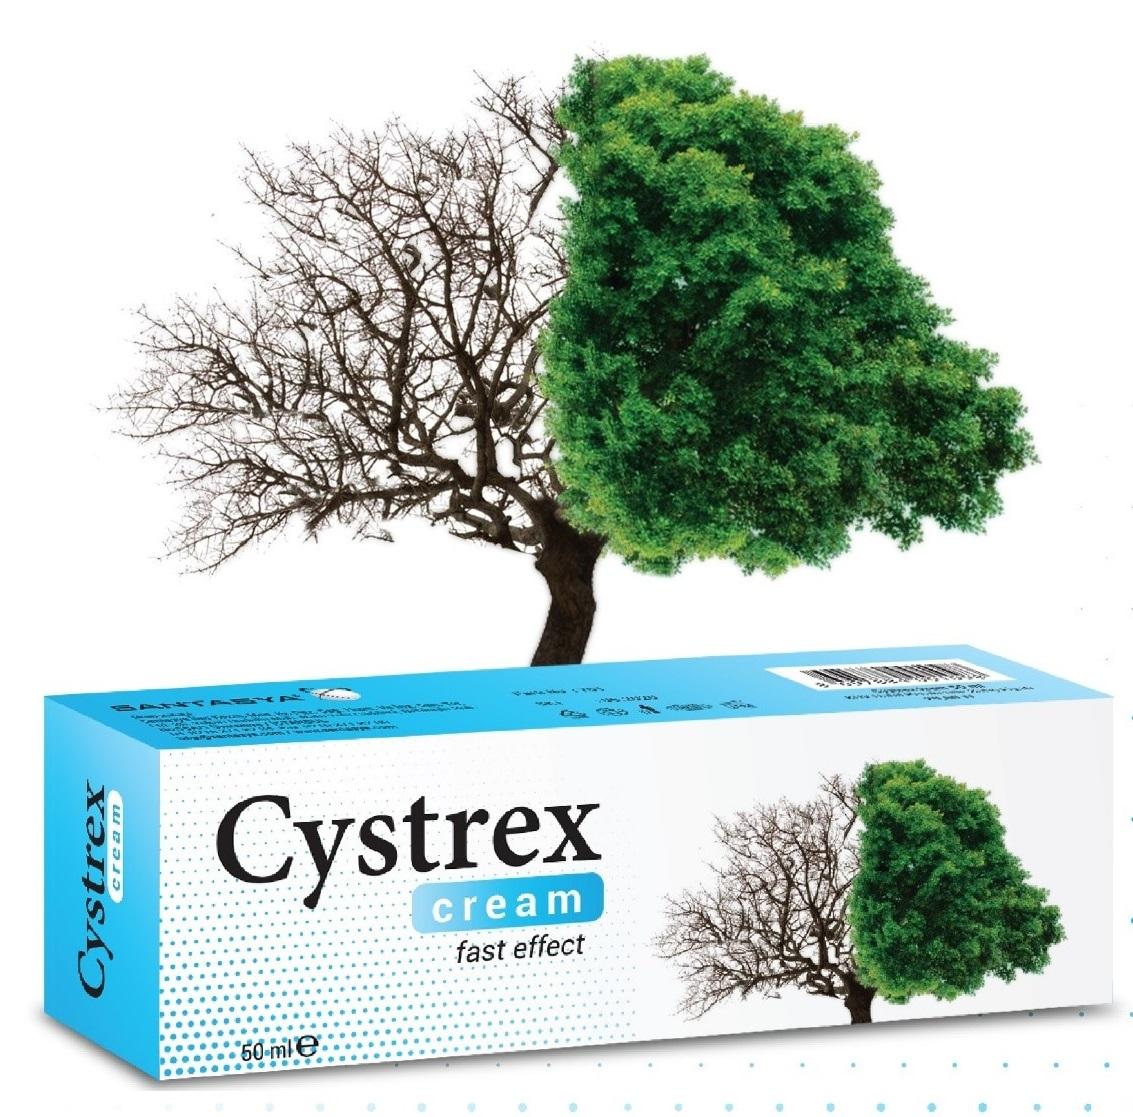 Cystrex Krem Ne İşe Yarar Kullanıcı Yorumları